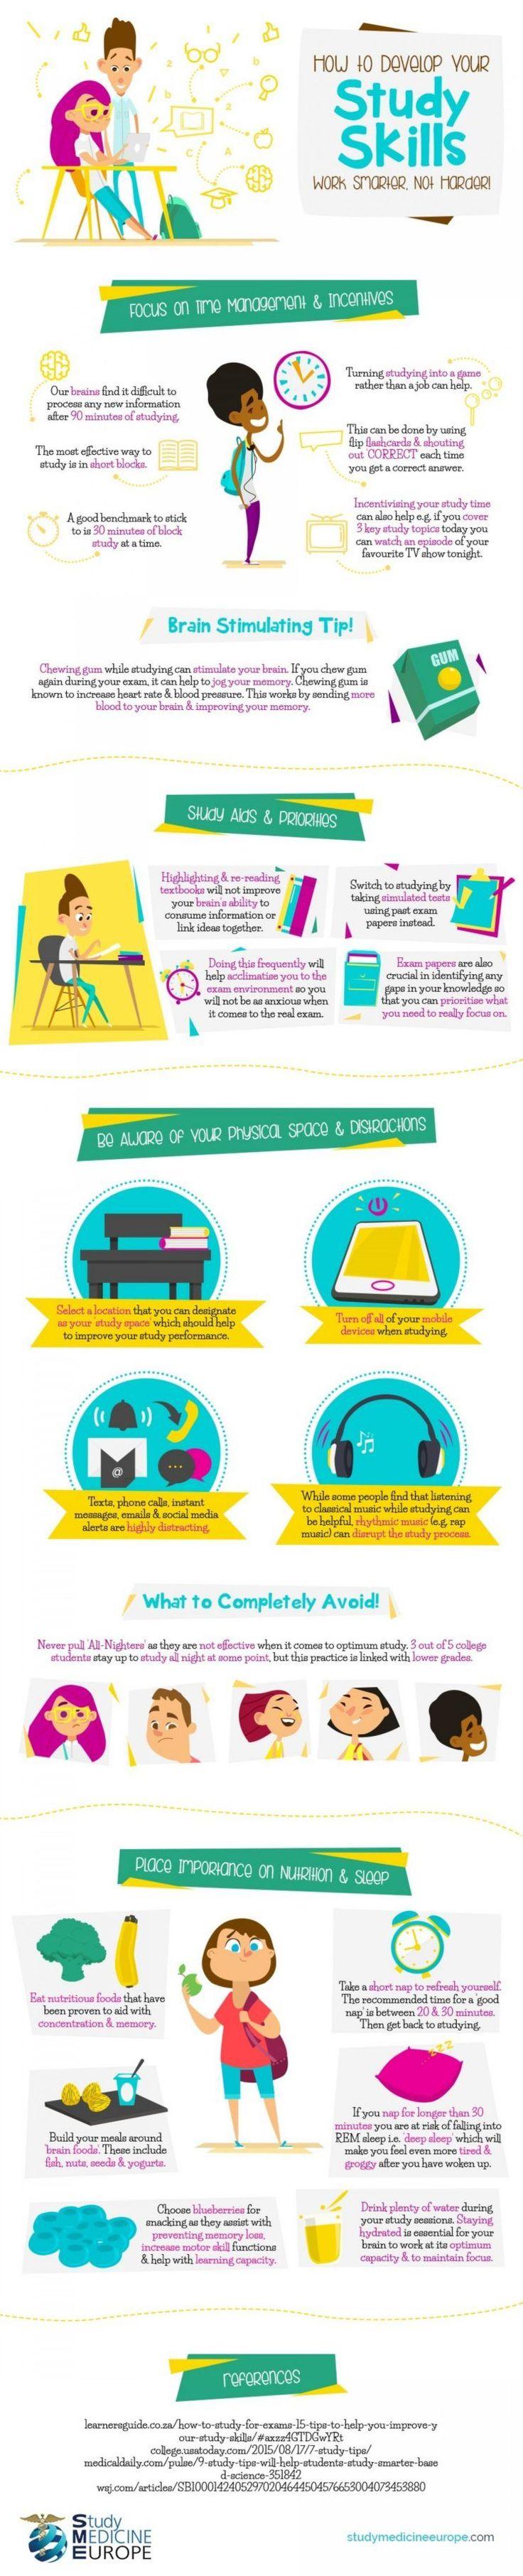 How To Develop Your Study Skills #Infographic #HowTo #Study {Hilfe im Studium|Damit dein Studium ein Erfolg wird|Mit der richtigen Technik studieren|Studienerfolg ist planbar|Mit Leichtigkeit studieren|Prüfungen bestehen} mit ZENTRAL-lernen. {Kostenloser Lerntypen-Test!| |e-learning|LernCoaching|Lerntraining}